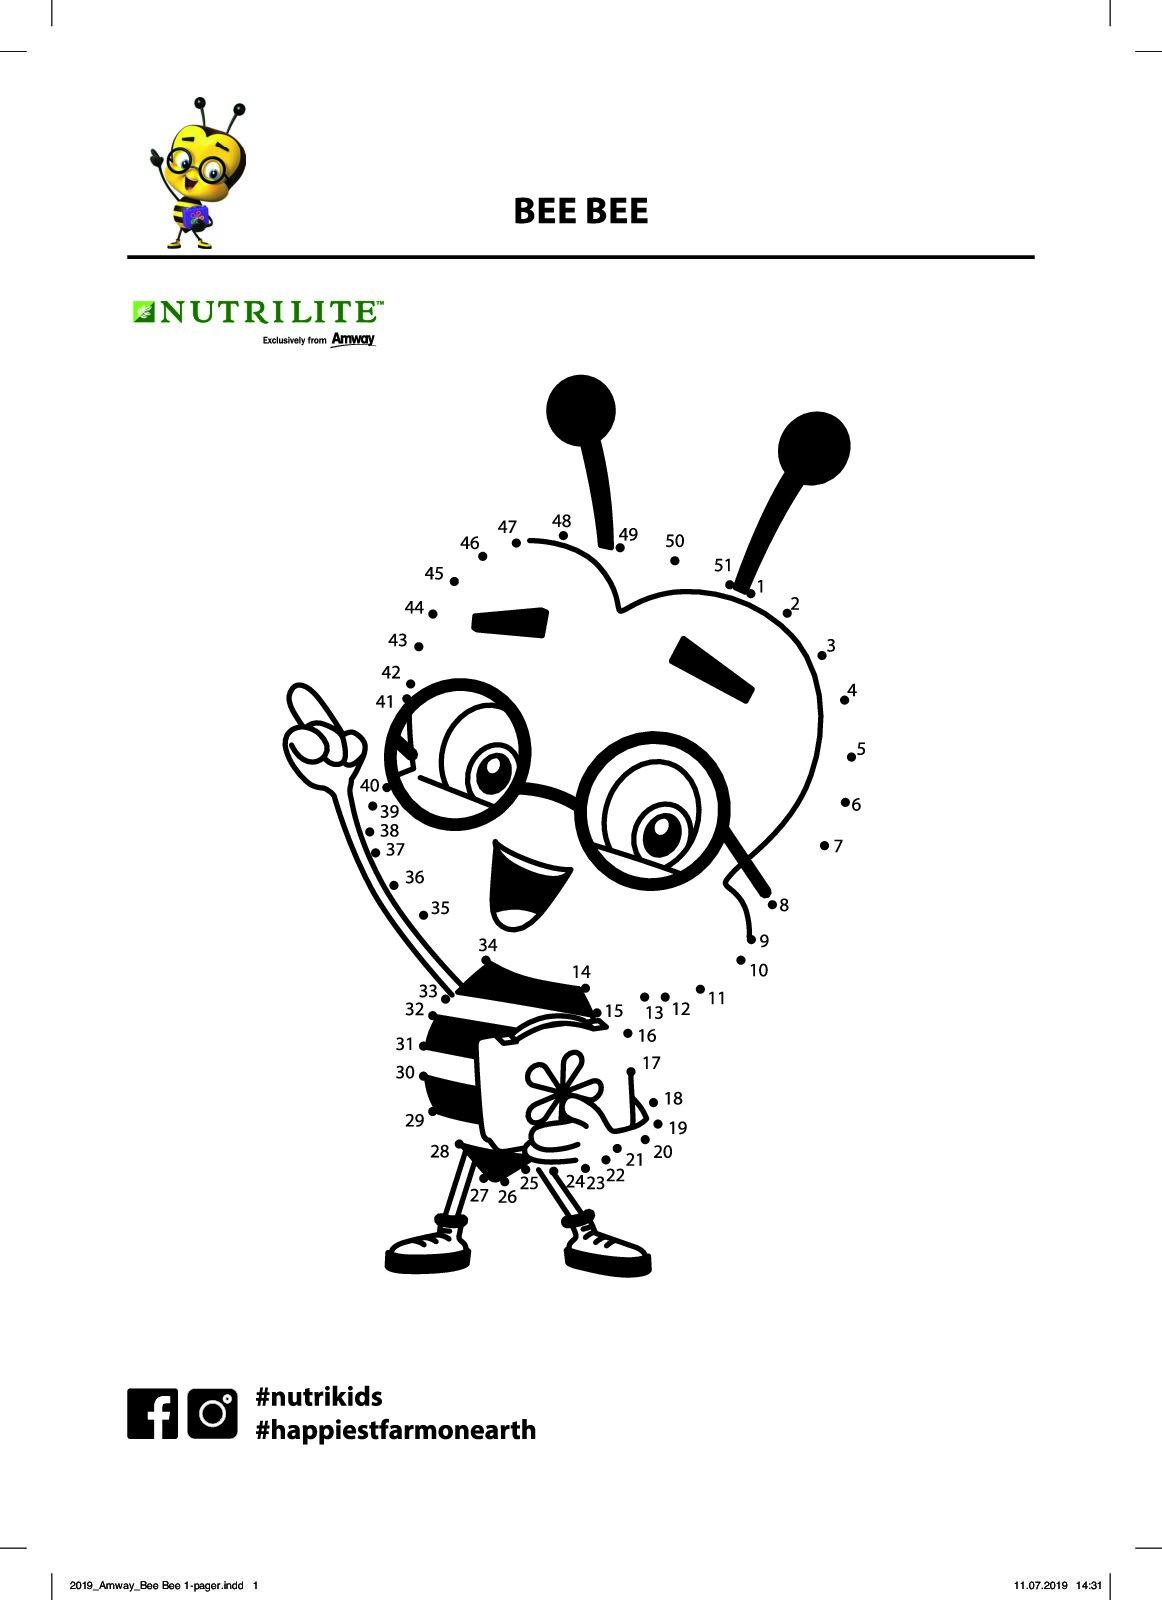 NUTRILITE Kids DIY Bee Bee Games 11 2019 1 pdf